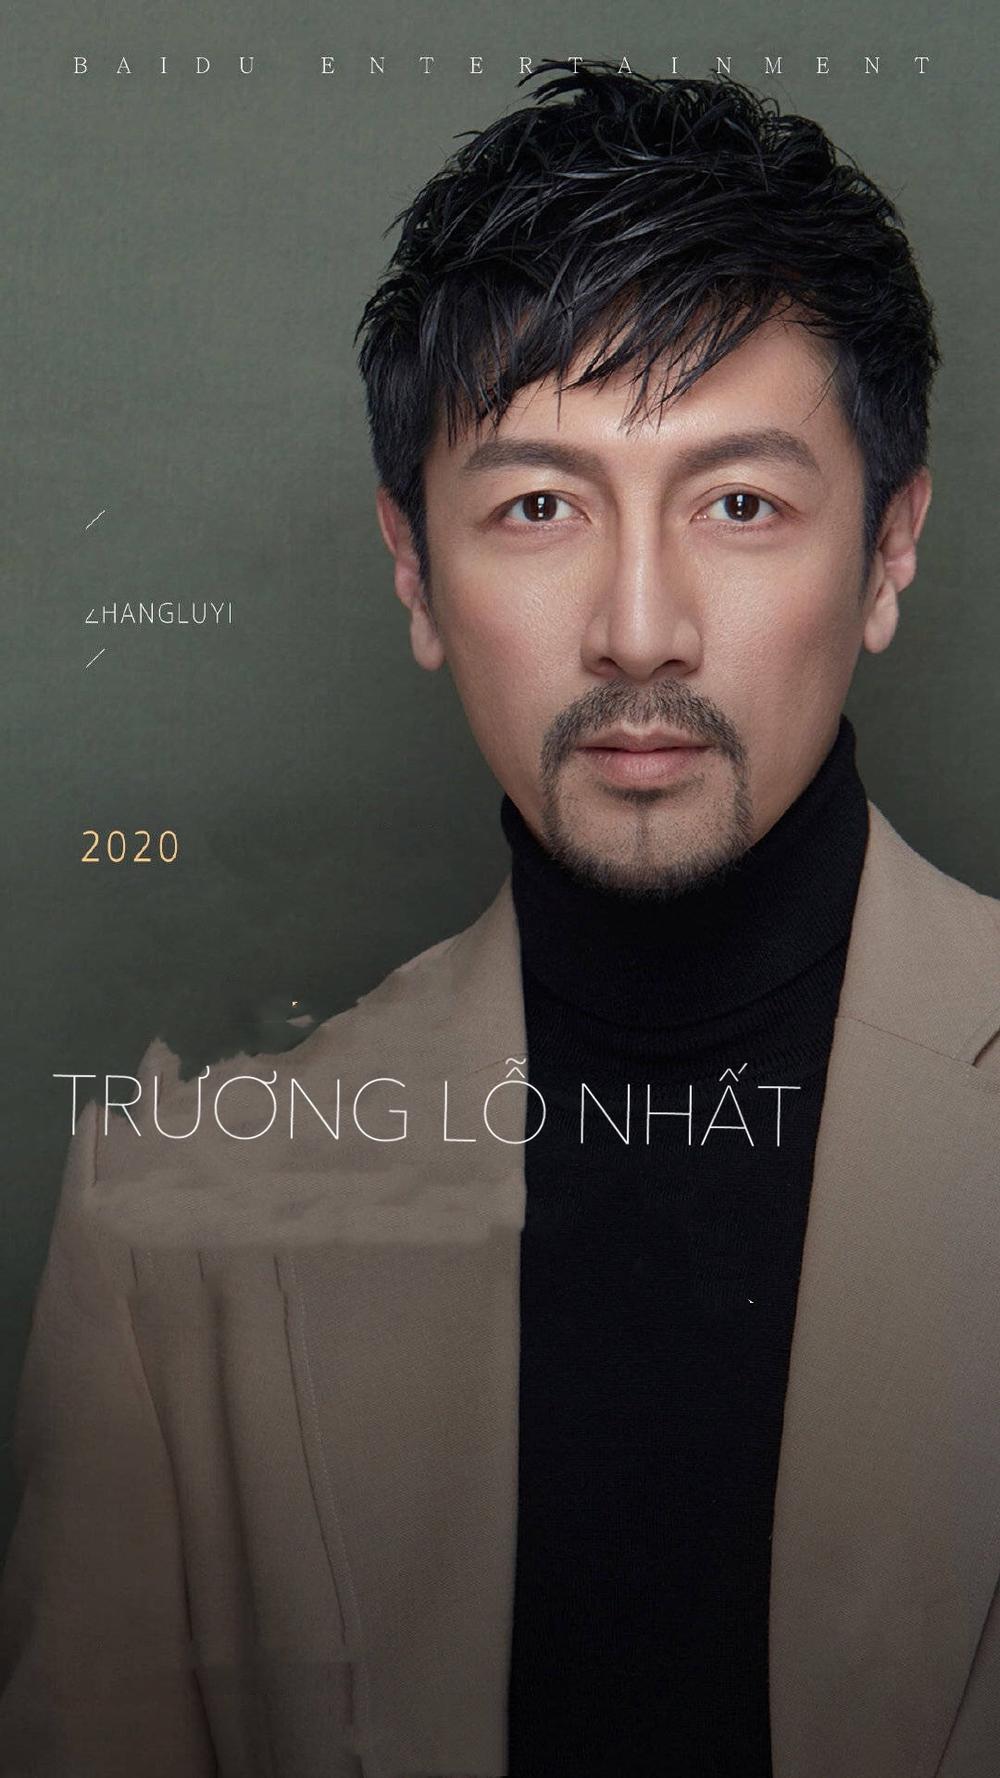 Công bố 8 nhân vật của năm 2020: Tiêu Chiến, Triệu Lộ Tư, Dịch Dương Thiên Tỉ được vinh danh! Ảnh 7